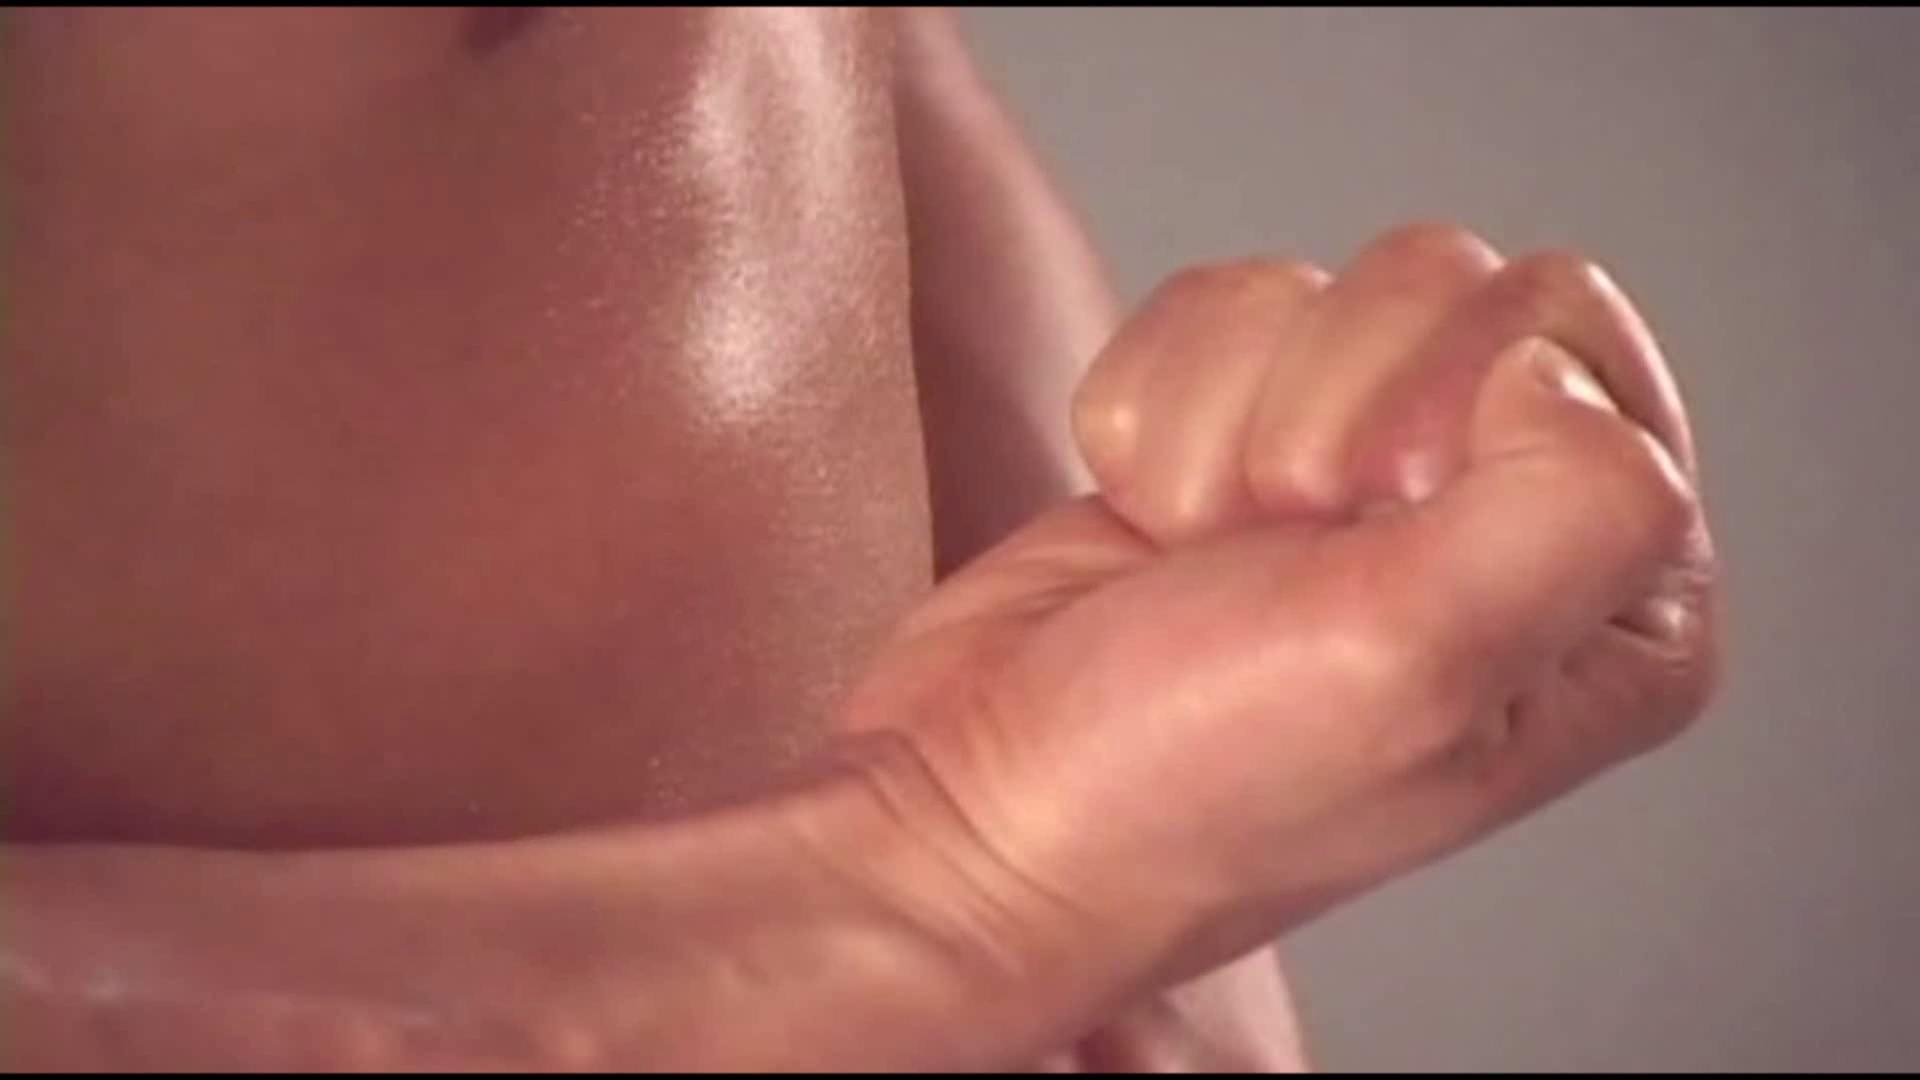 ショウ&ナオキのエロMAXファンタジーVOL.07(ナオキ&ショウ) 完全無修正版 ゲイ無料エロ画像 90枚 2